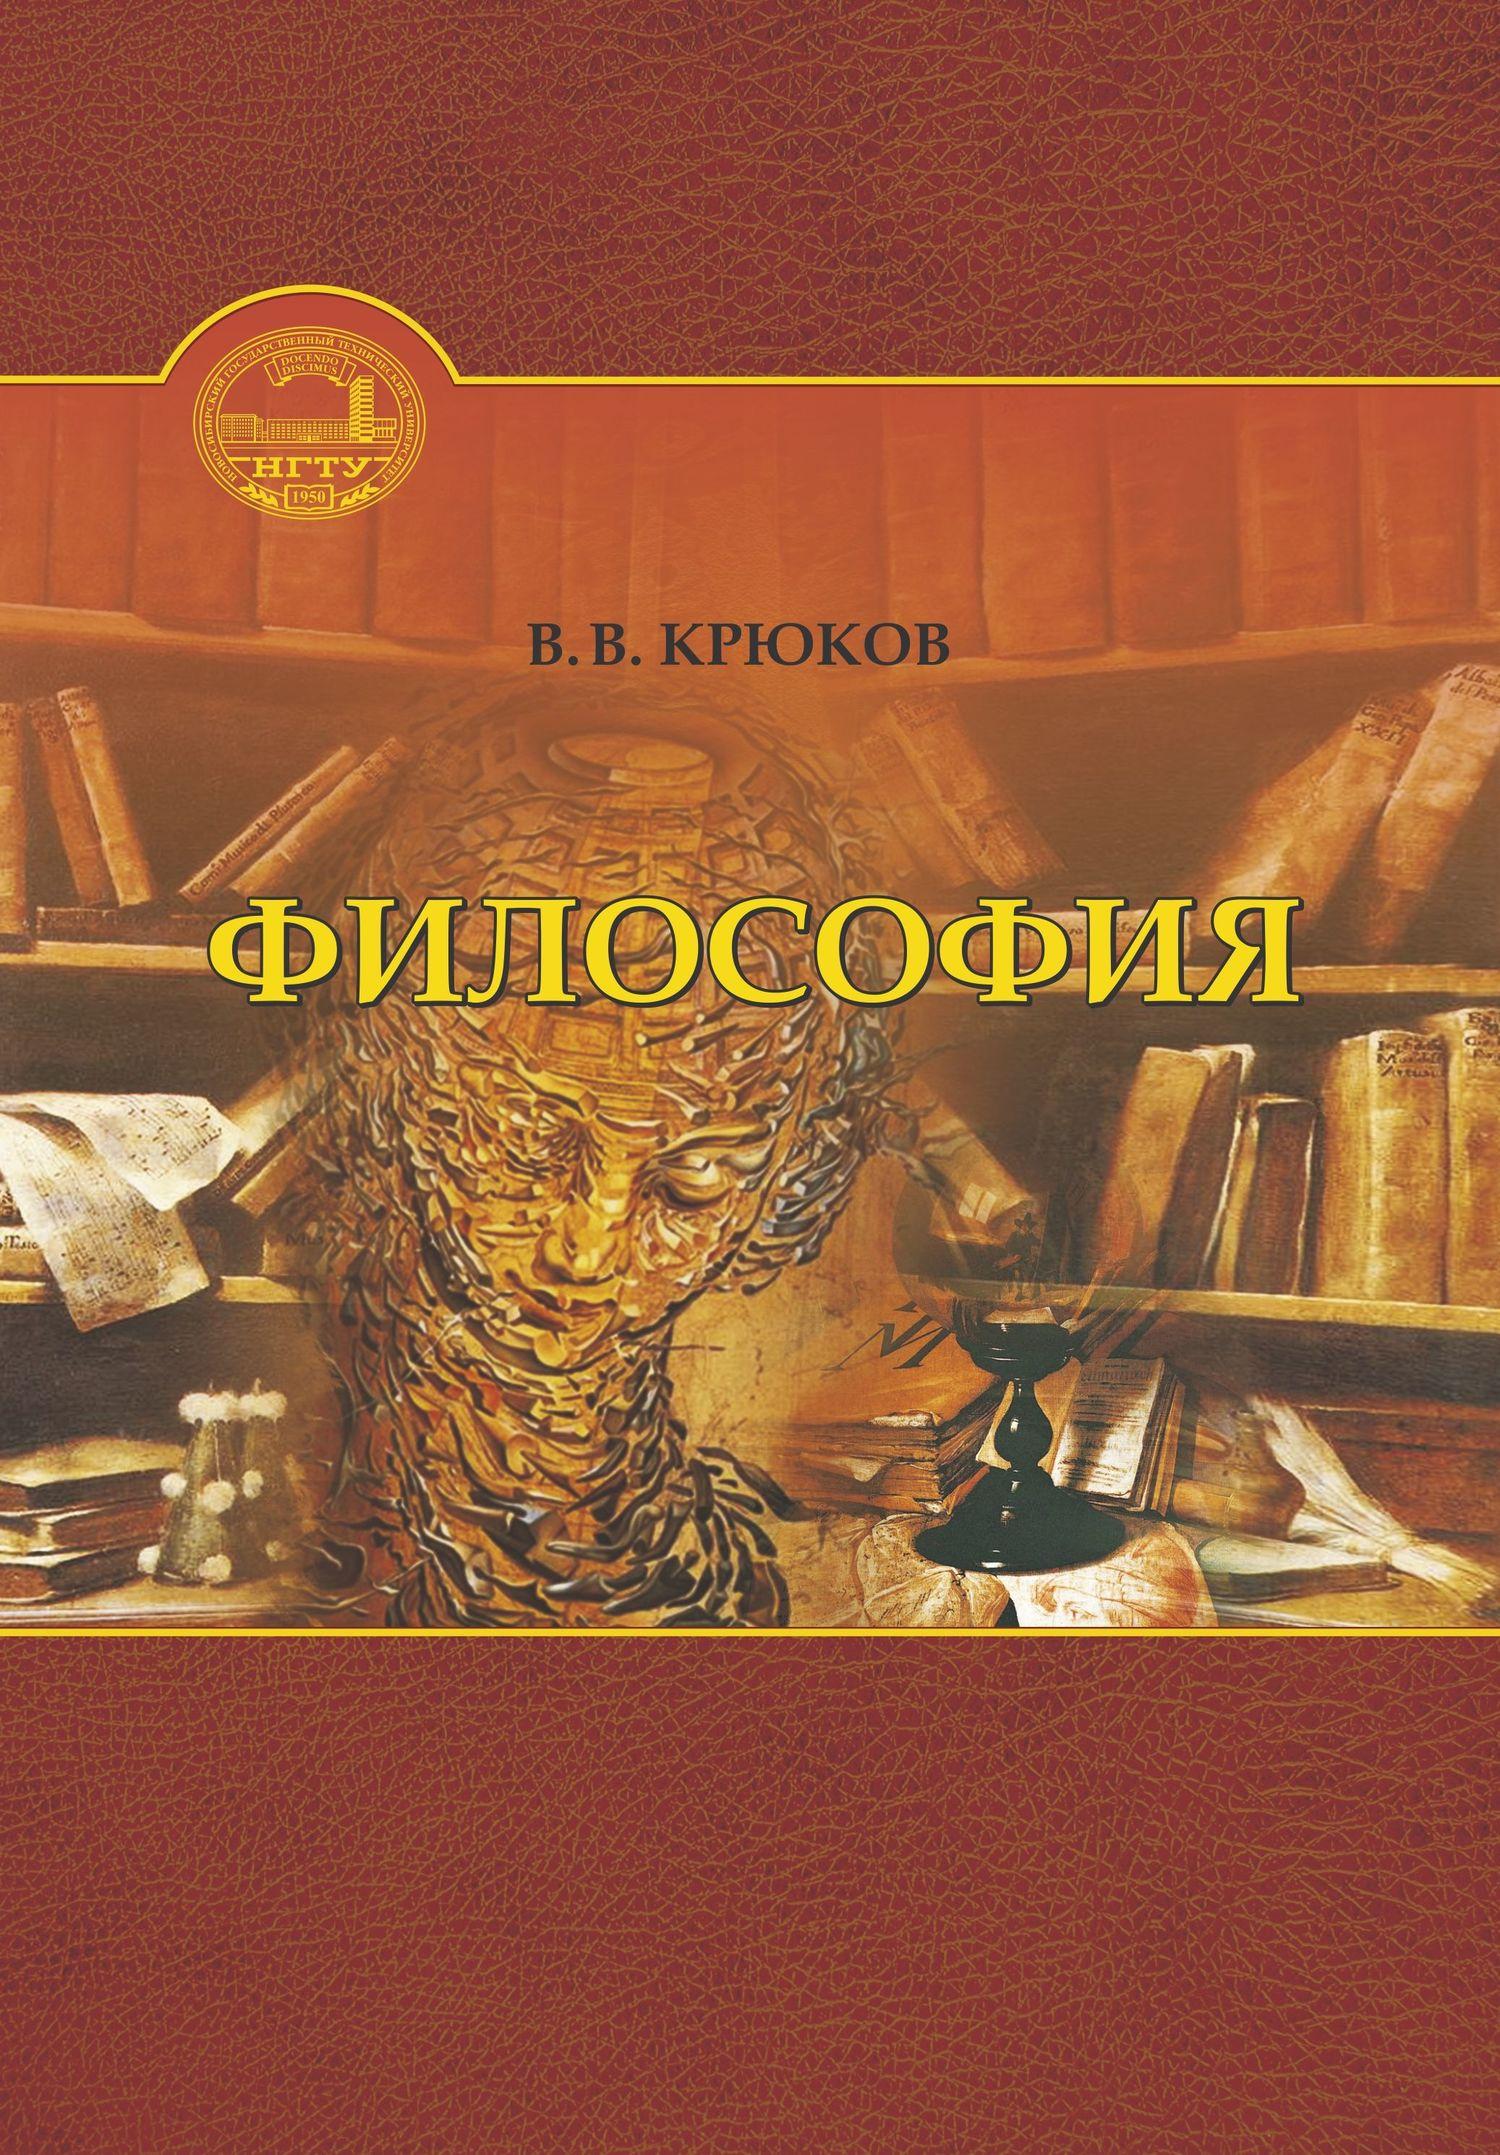 Виктор Васильевич Крюков Философия губин в философия учебник губин